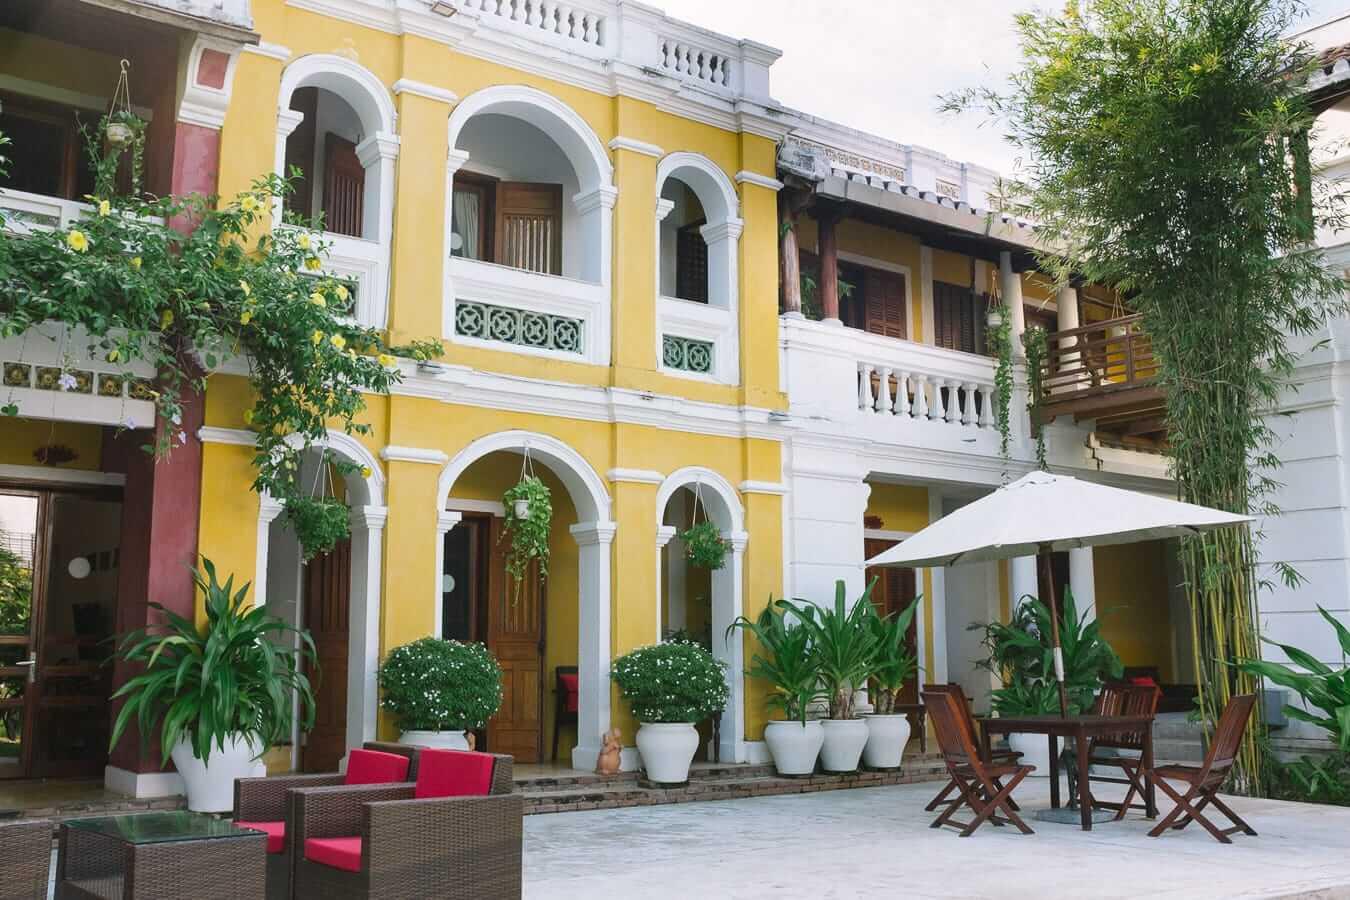 Ha An Hotel: Best Hoi An hotels